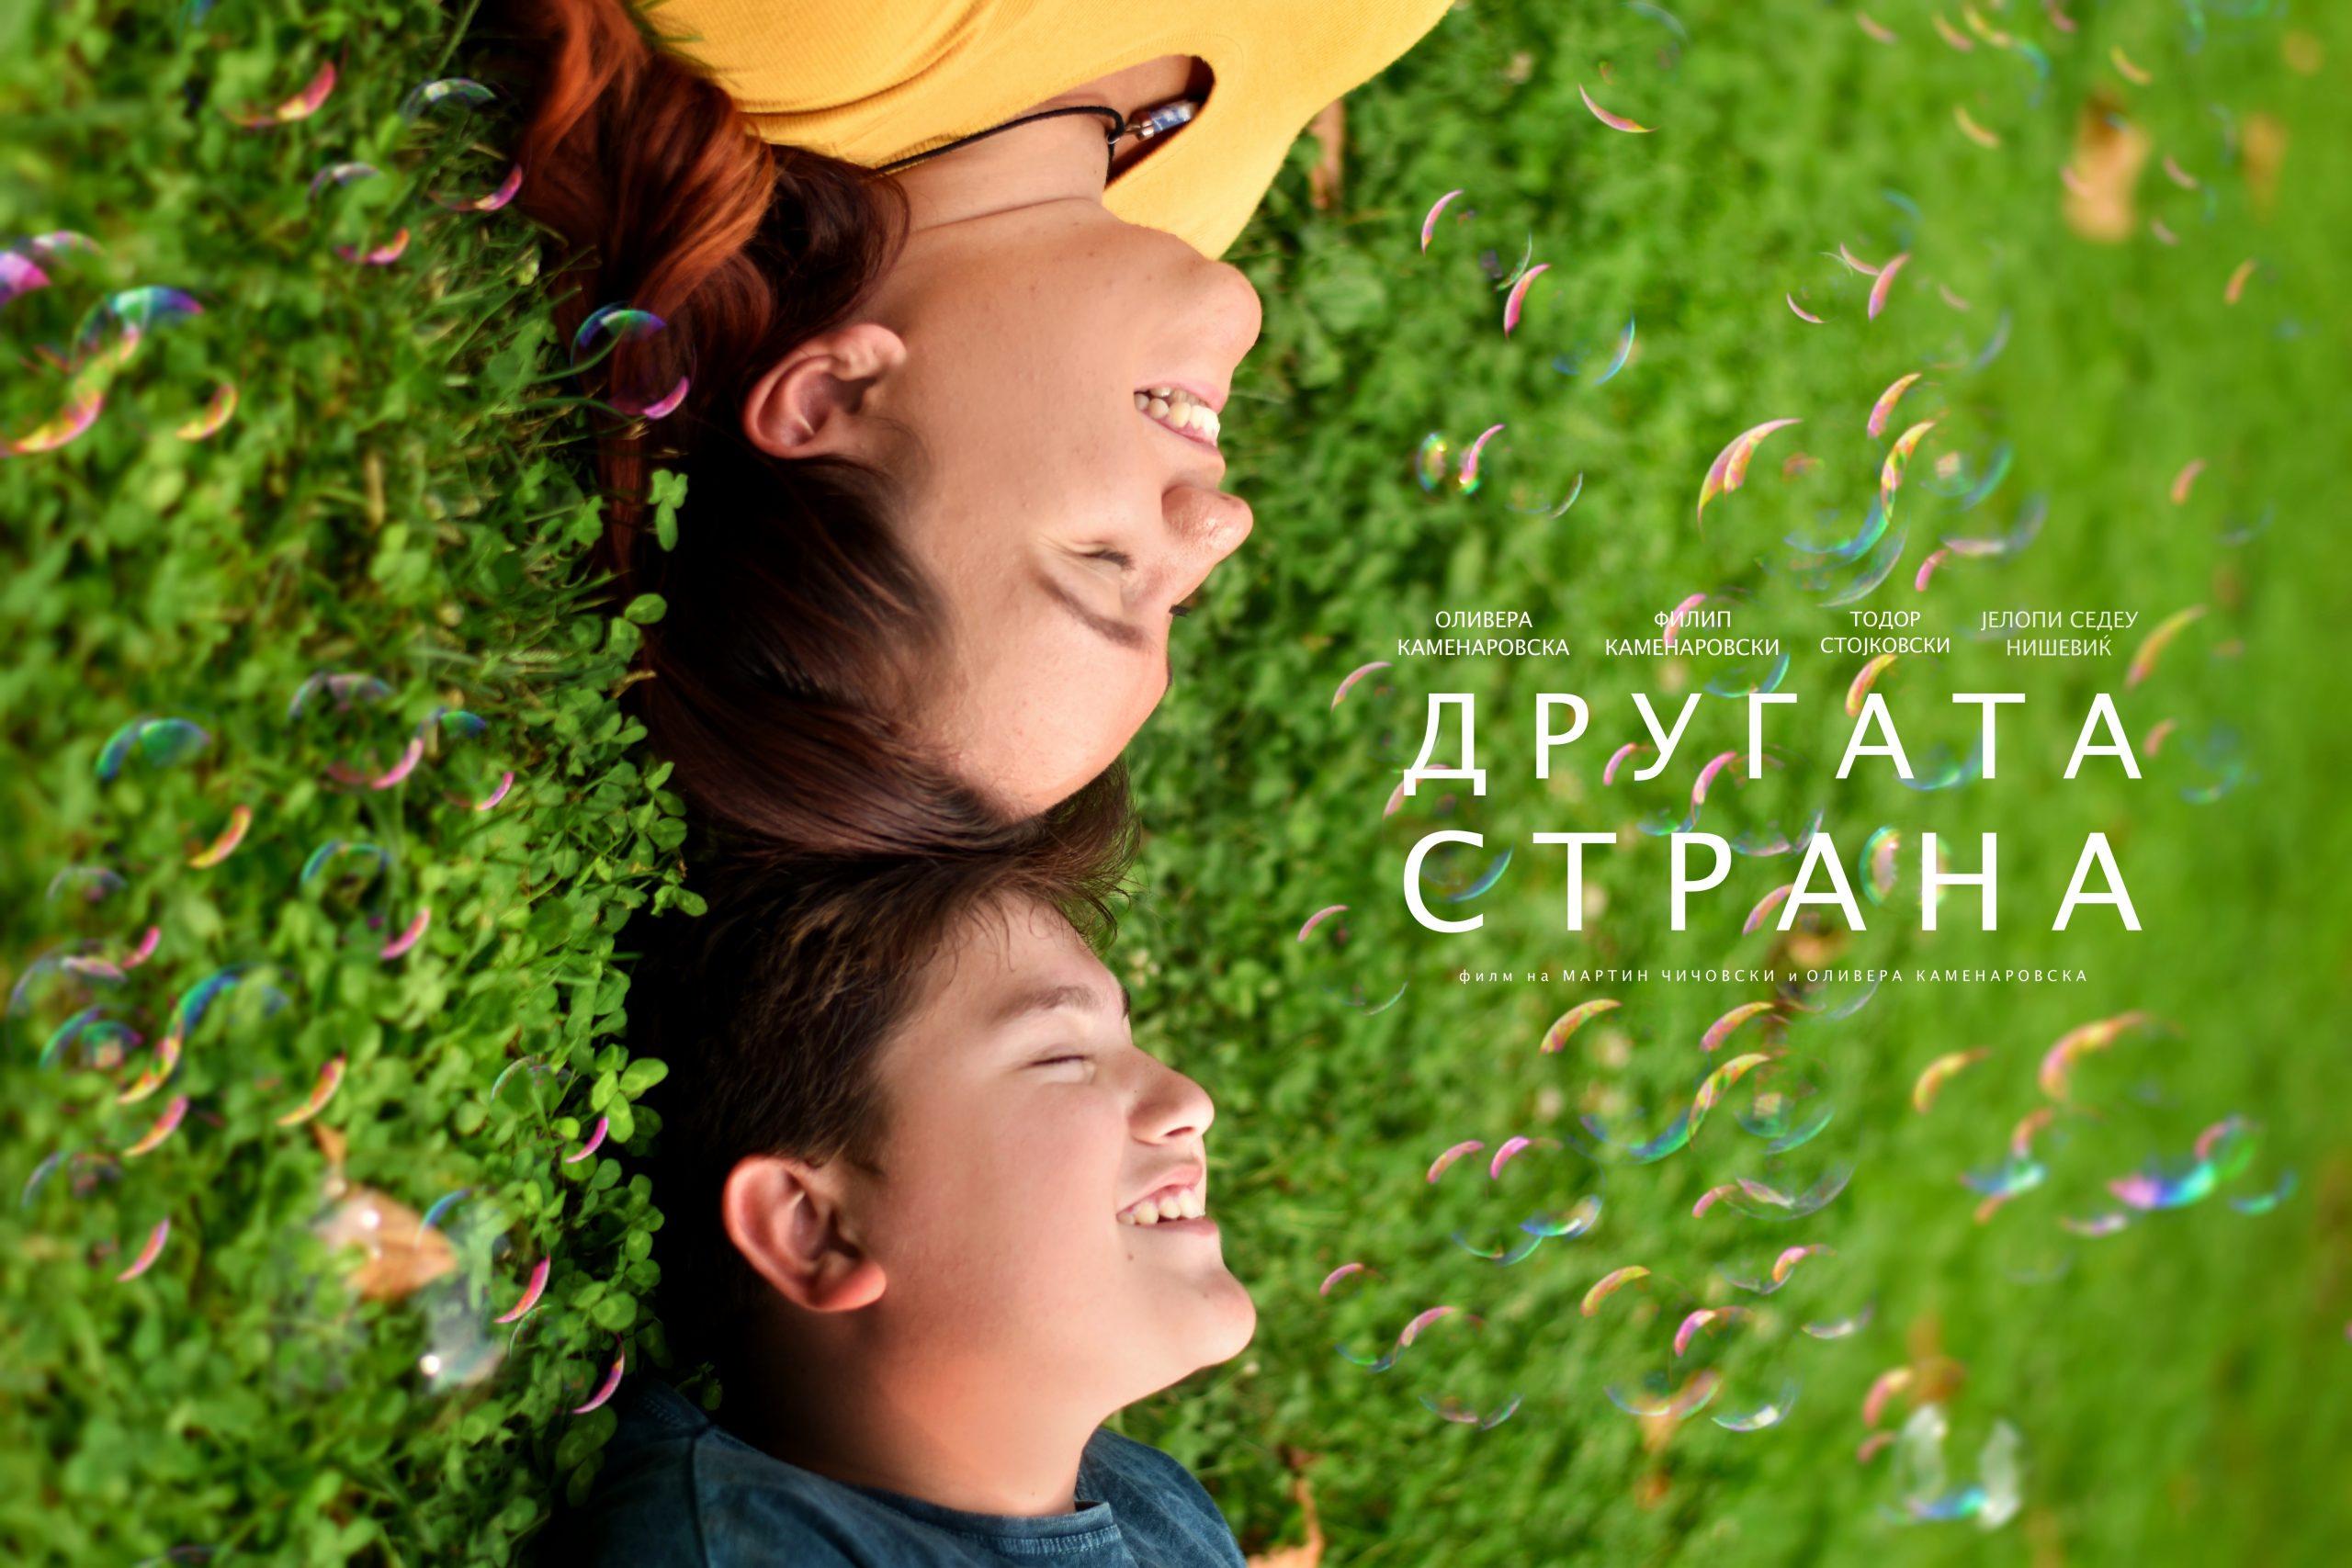 """""""Другата страна"""" – македонски семеен филм за децата кои се принудени да пораснат пребрзо"""